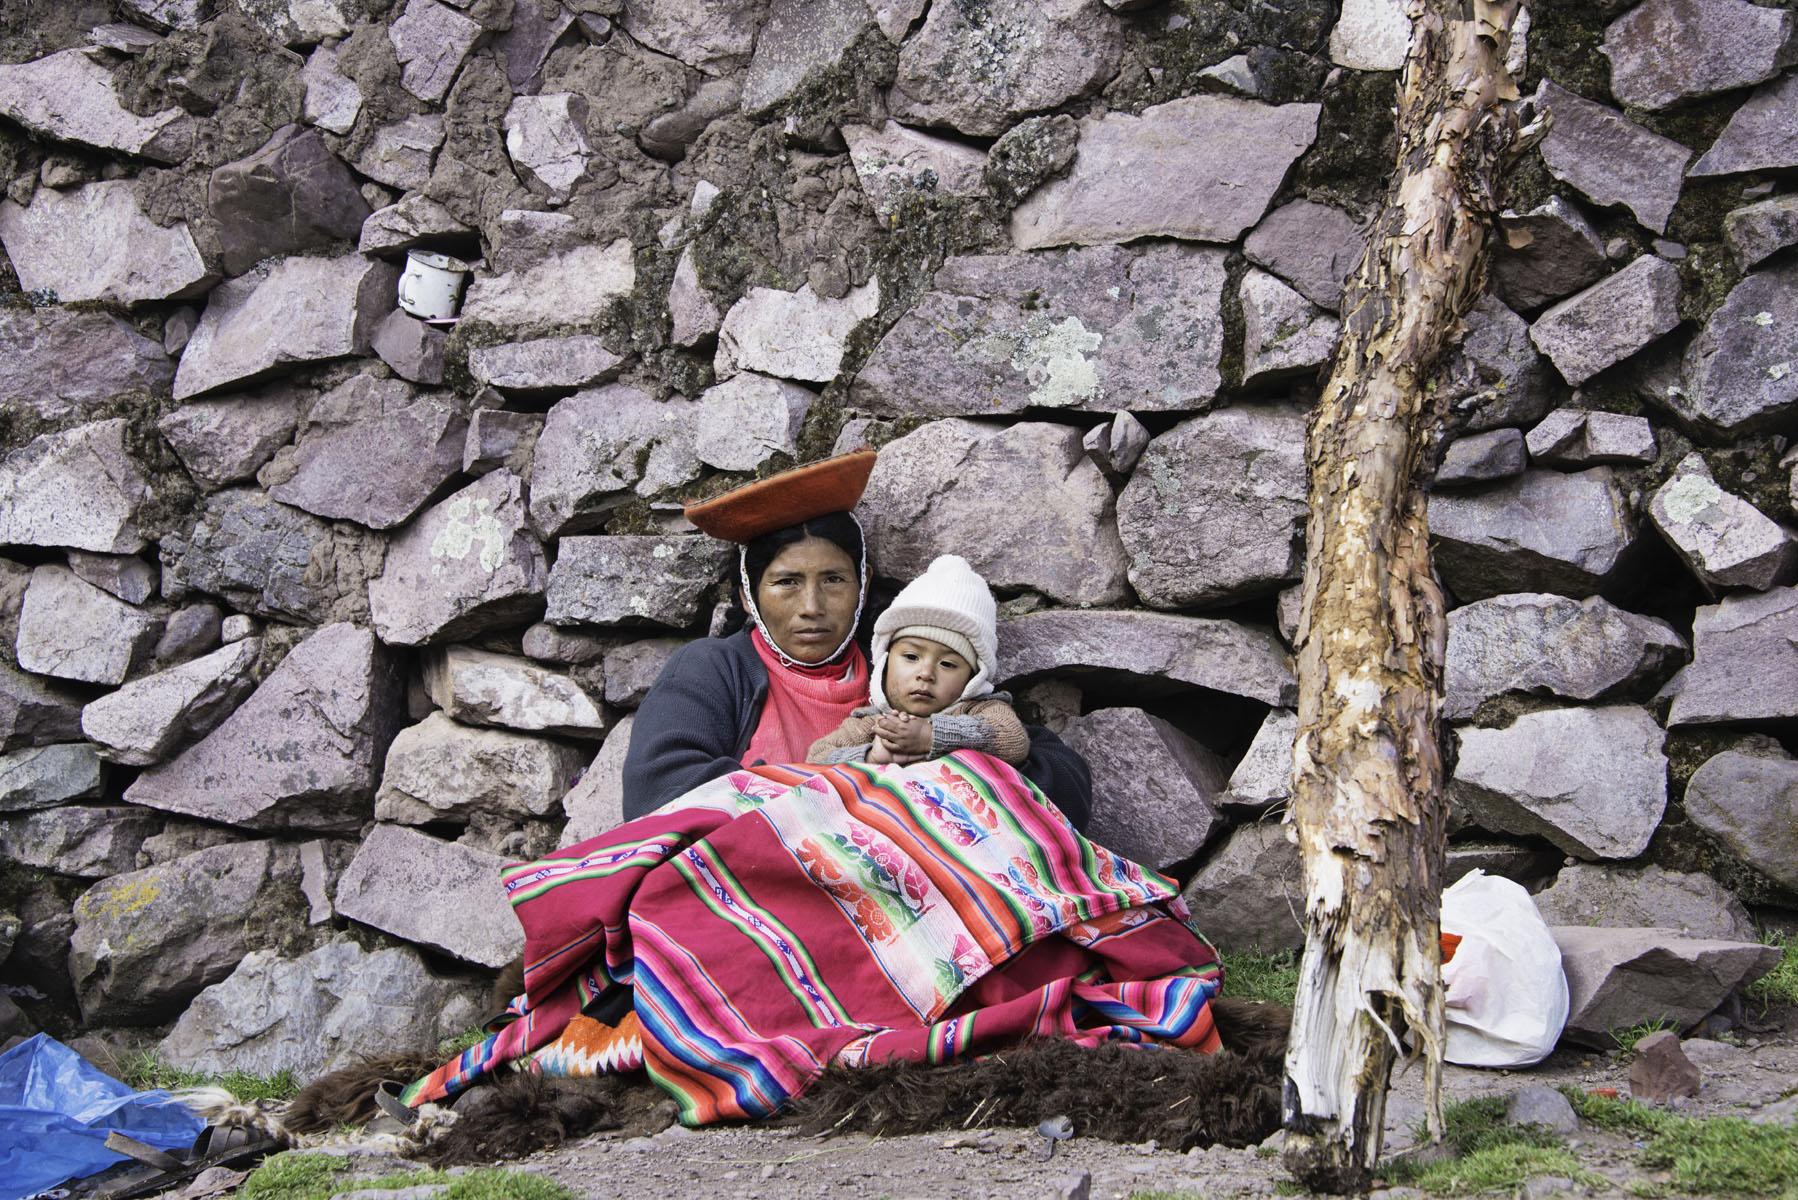 422-Peru-5-15_web.jpg